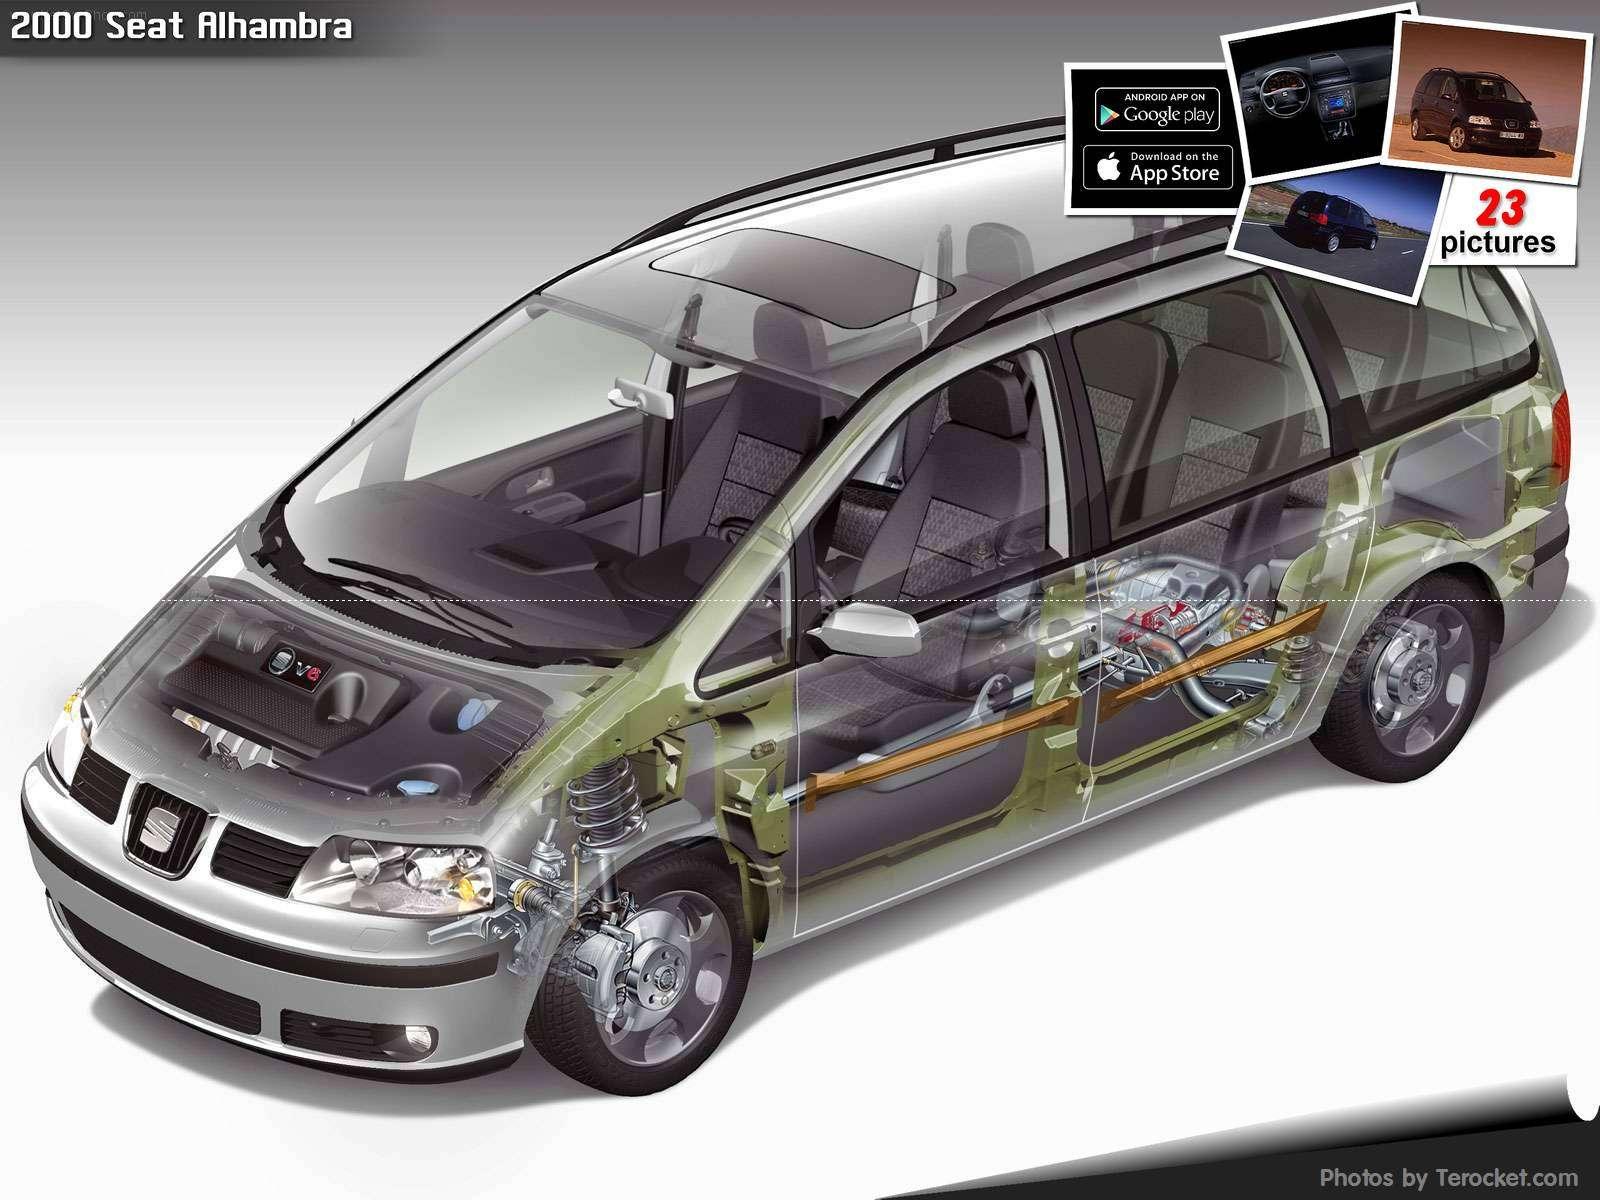 Hình ảnh xe ô tô Seat Alhambra 2000 & nội ngoại thất